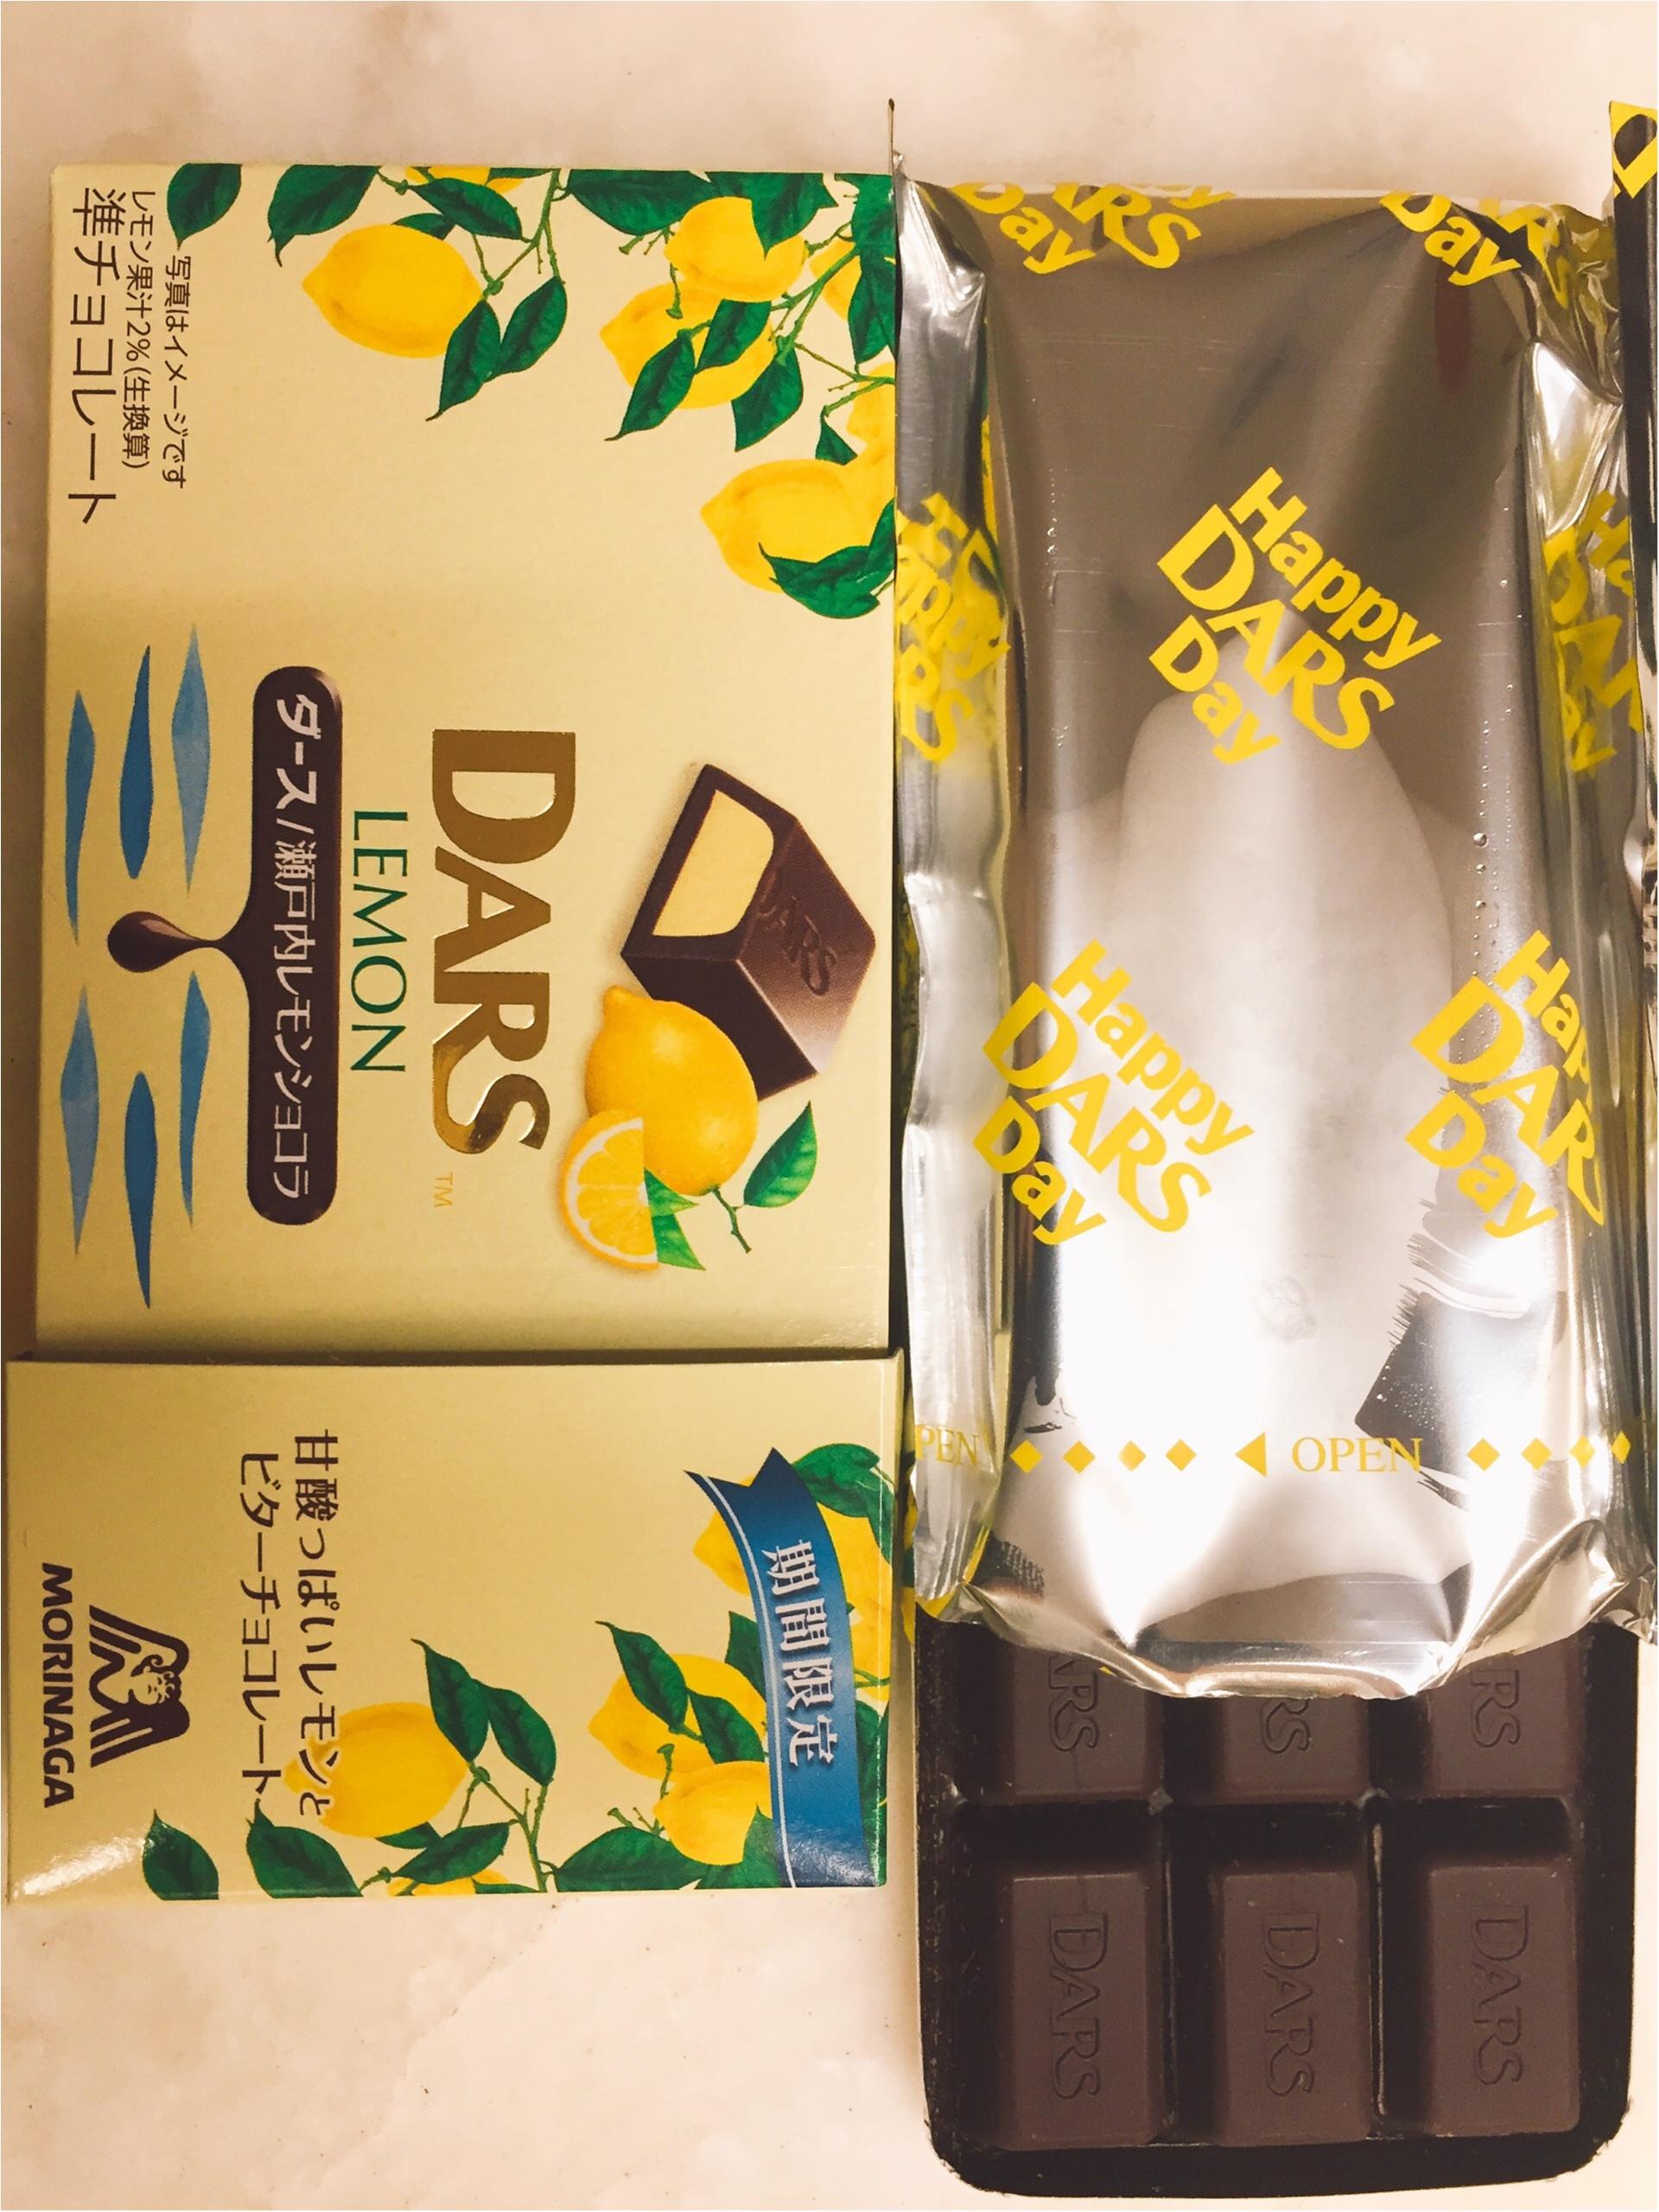 【新発売】DARS 瀬戸内レモンショコラはきゅんとすっぱい初恋風味♡_2